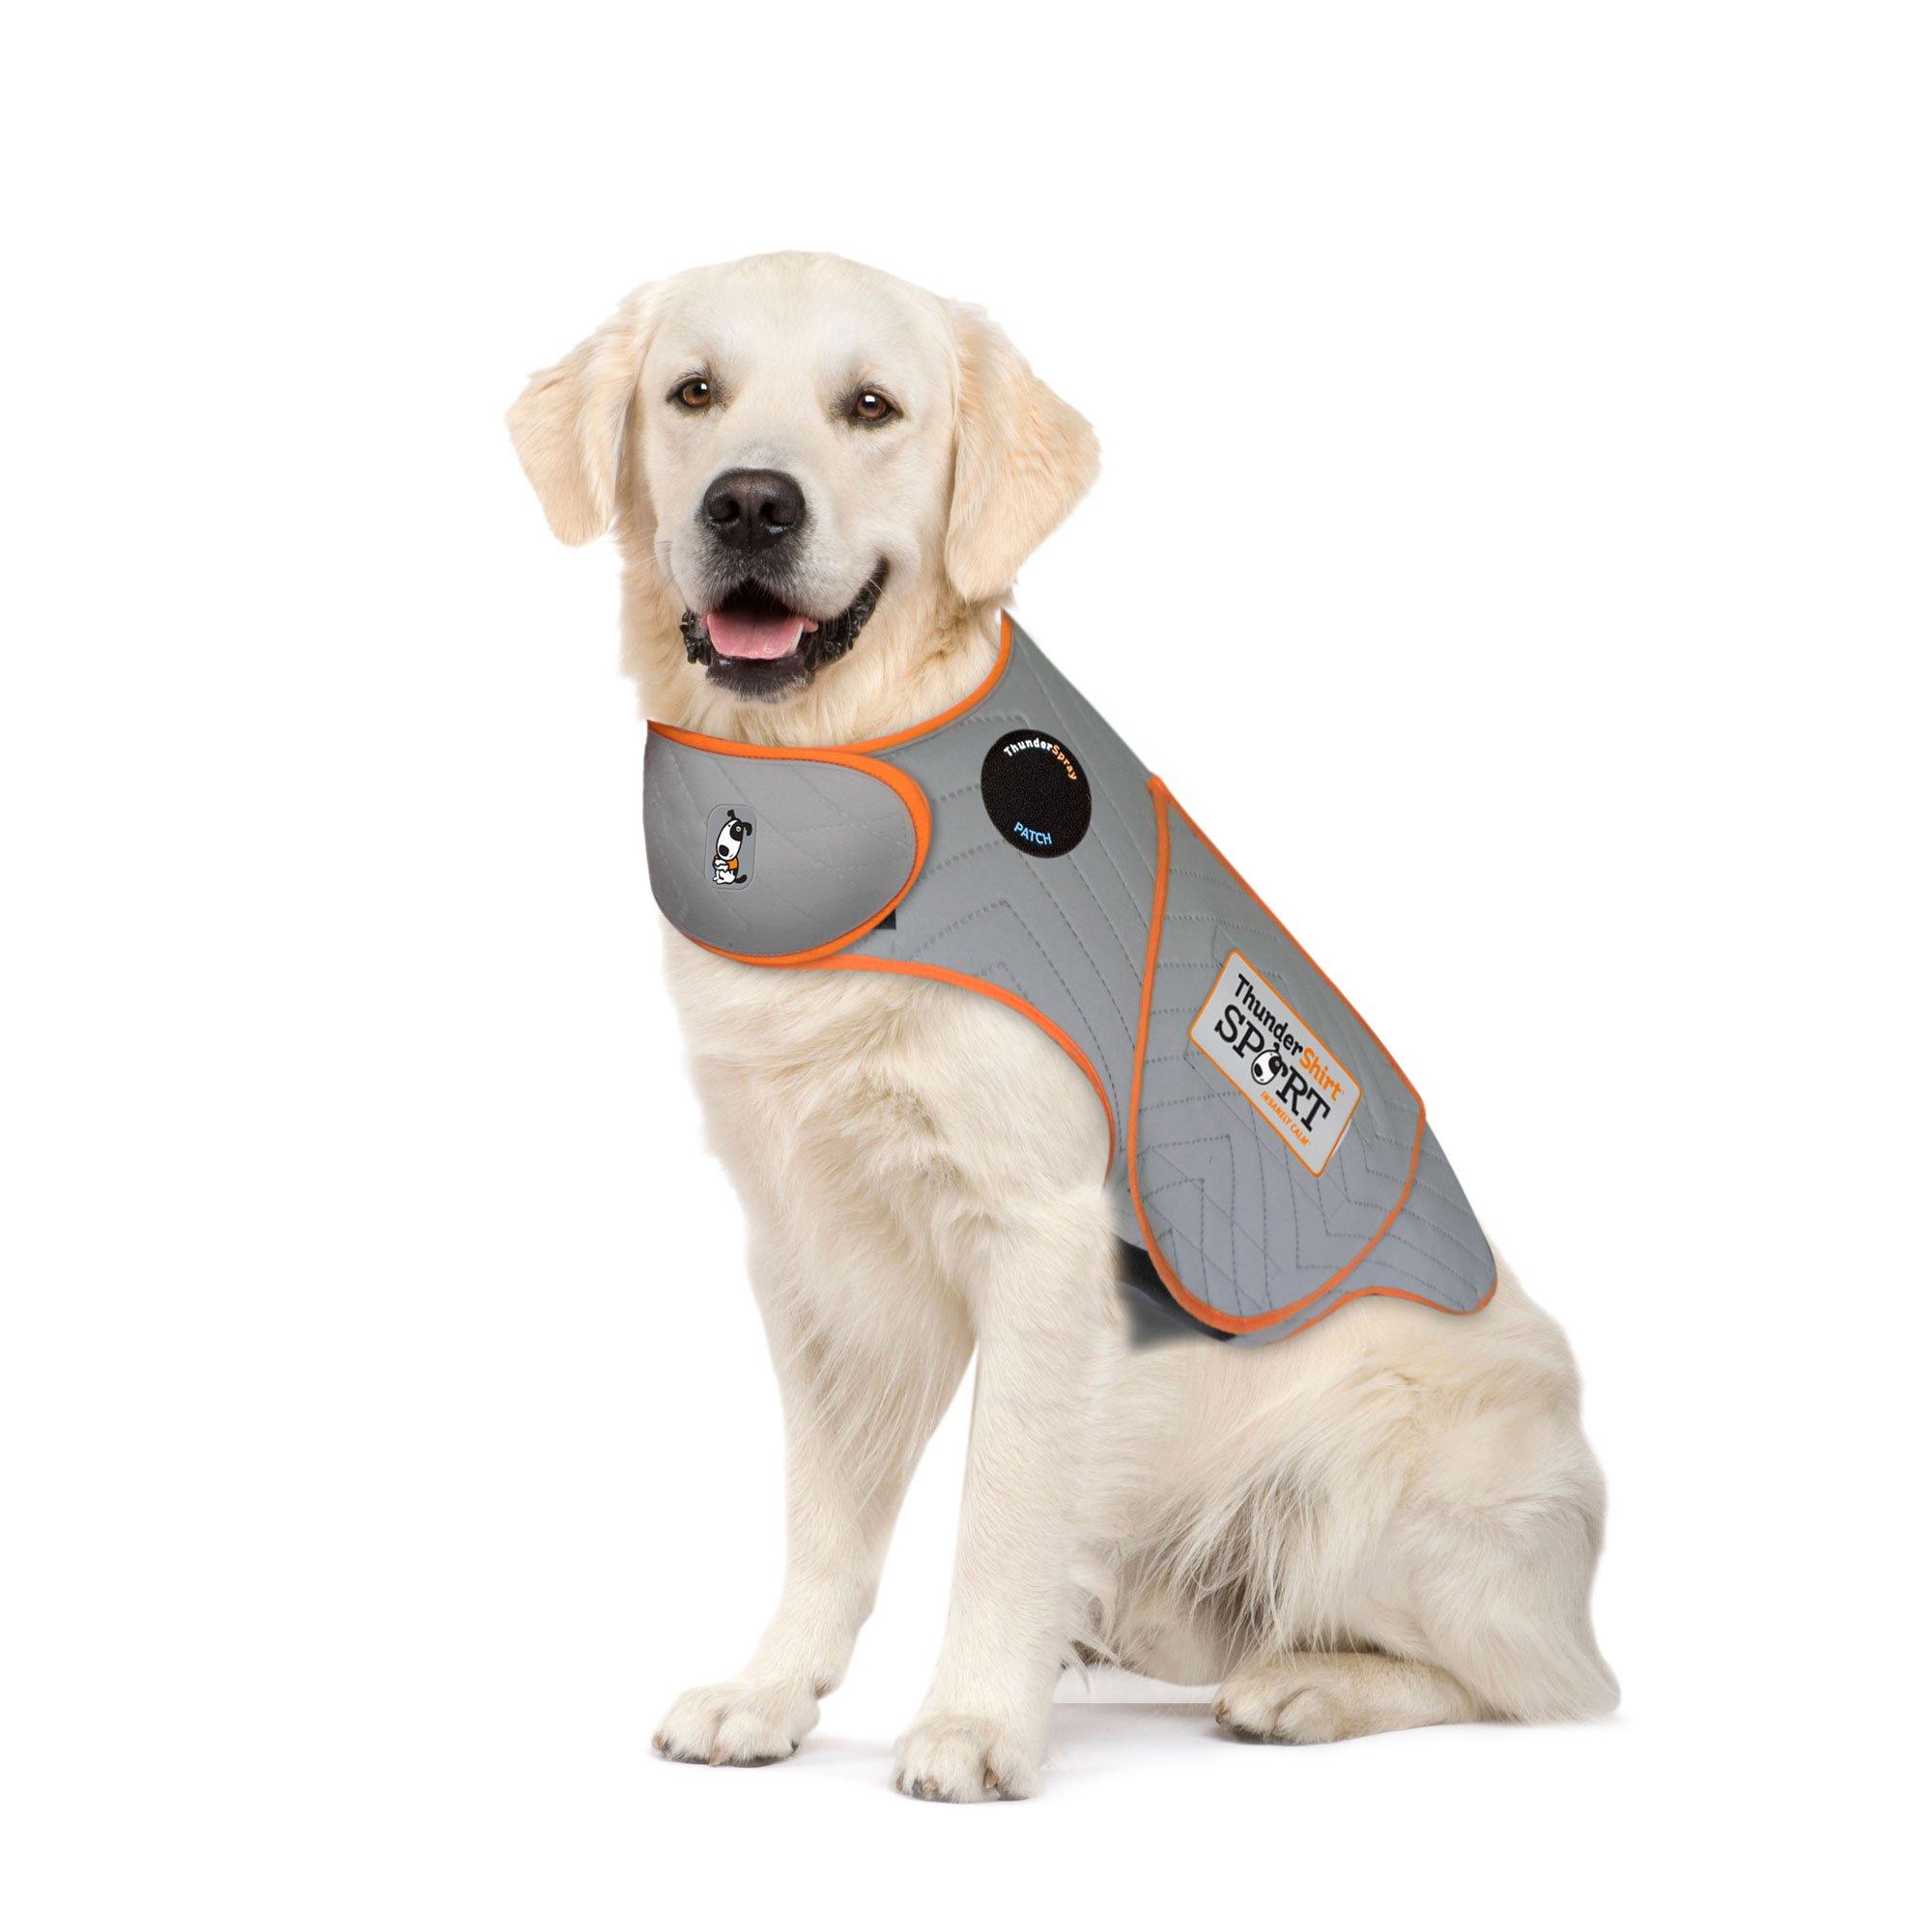 Thundershirt Sport Dog Anxiety Jacket, Platinum, X-Large by Thundershirt